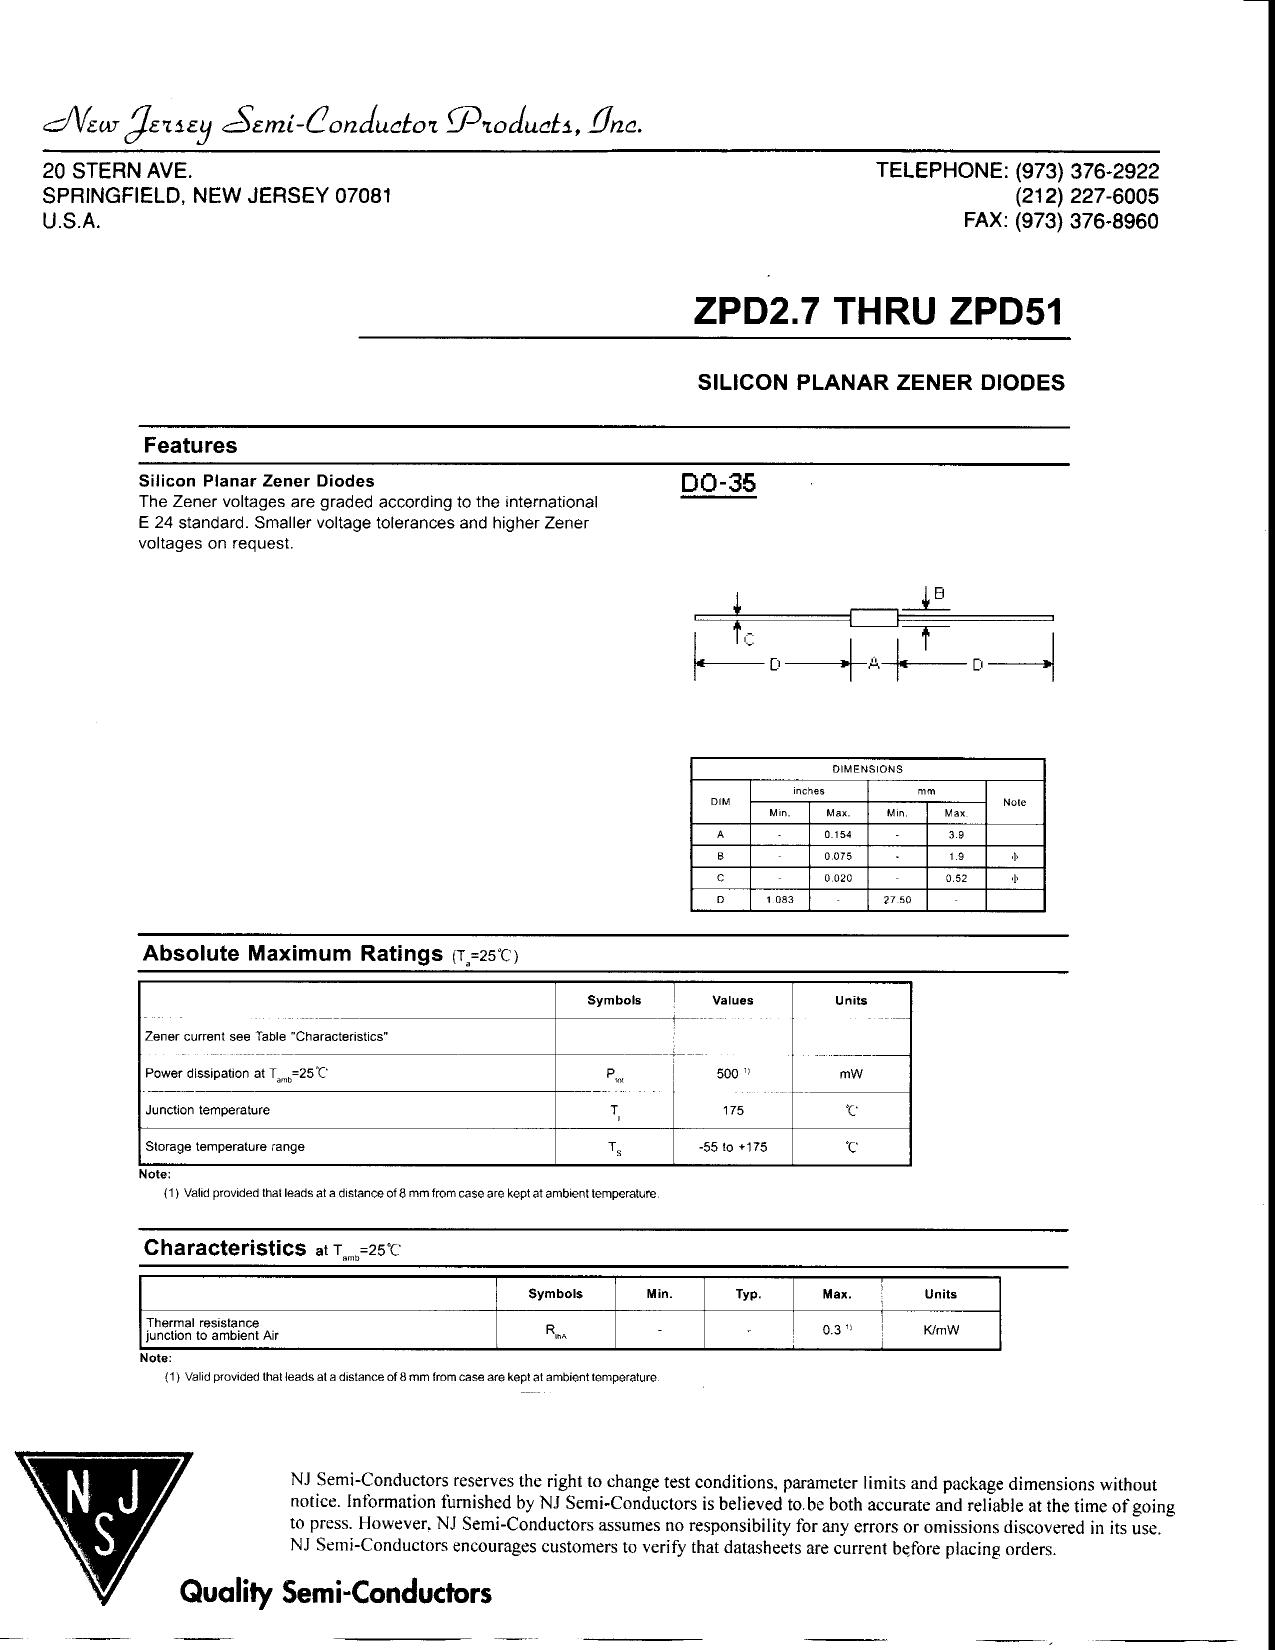 ZPD43 Даташит, Описание, Даташиты